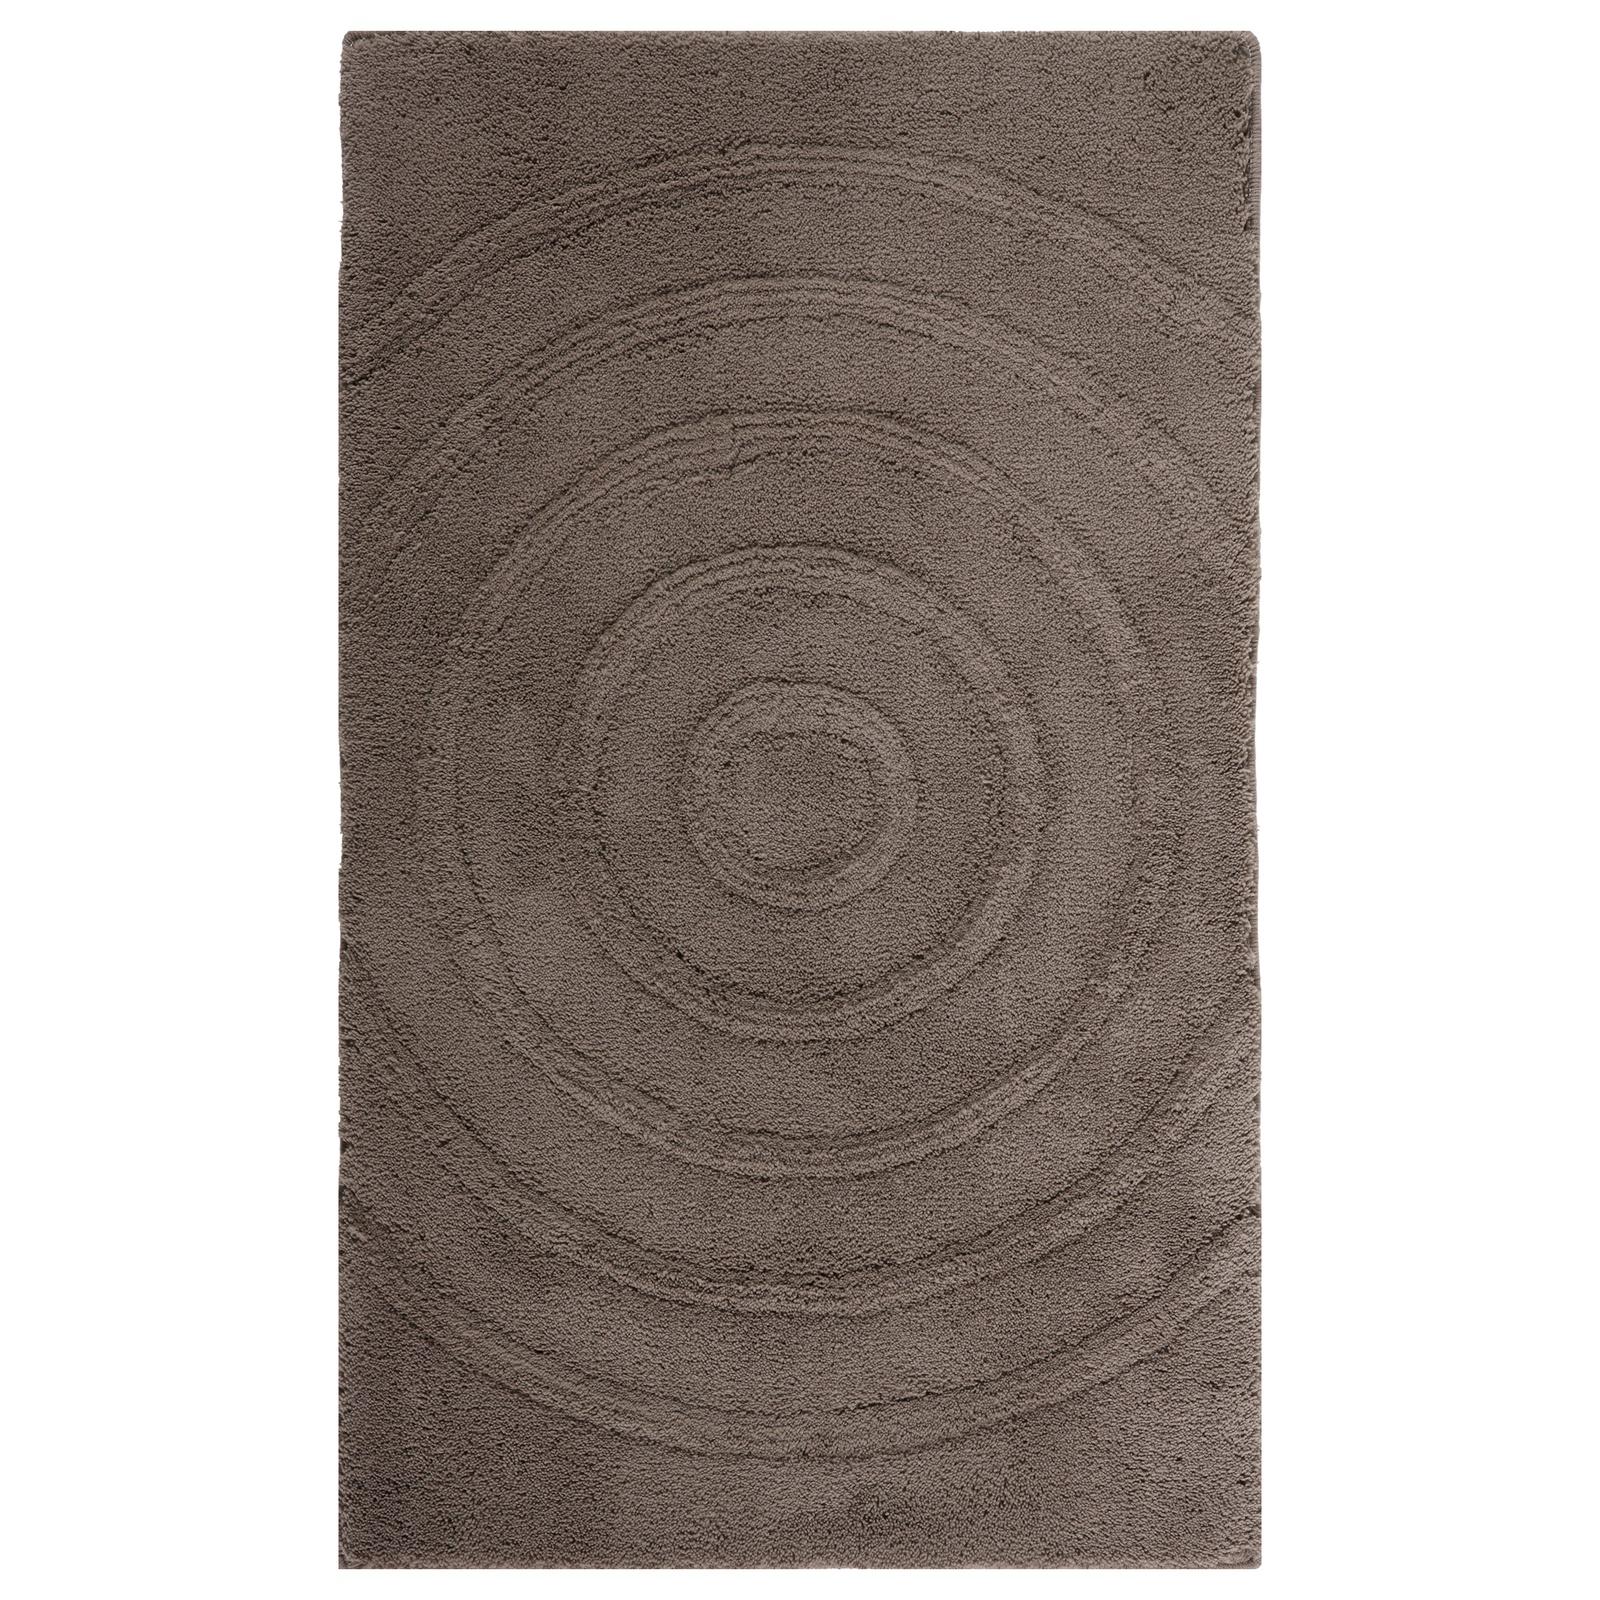 Коврик для ванной Aquanova Arno, ARNBMM-05, серо-коричневый, 60x100 см